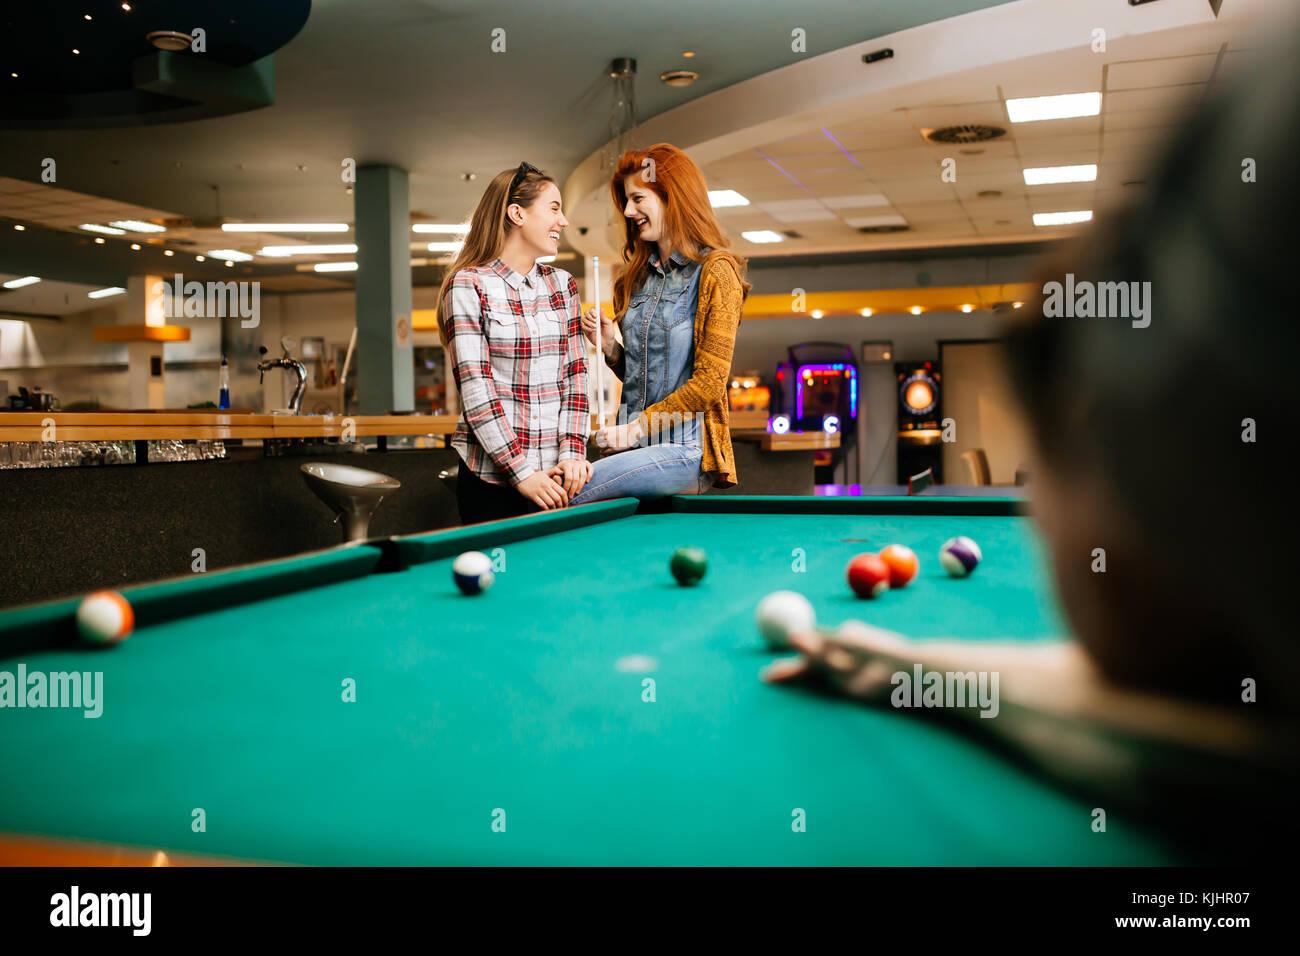 Snooker player finalizzati al tavolo da biliardo Foto & Immagine ...